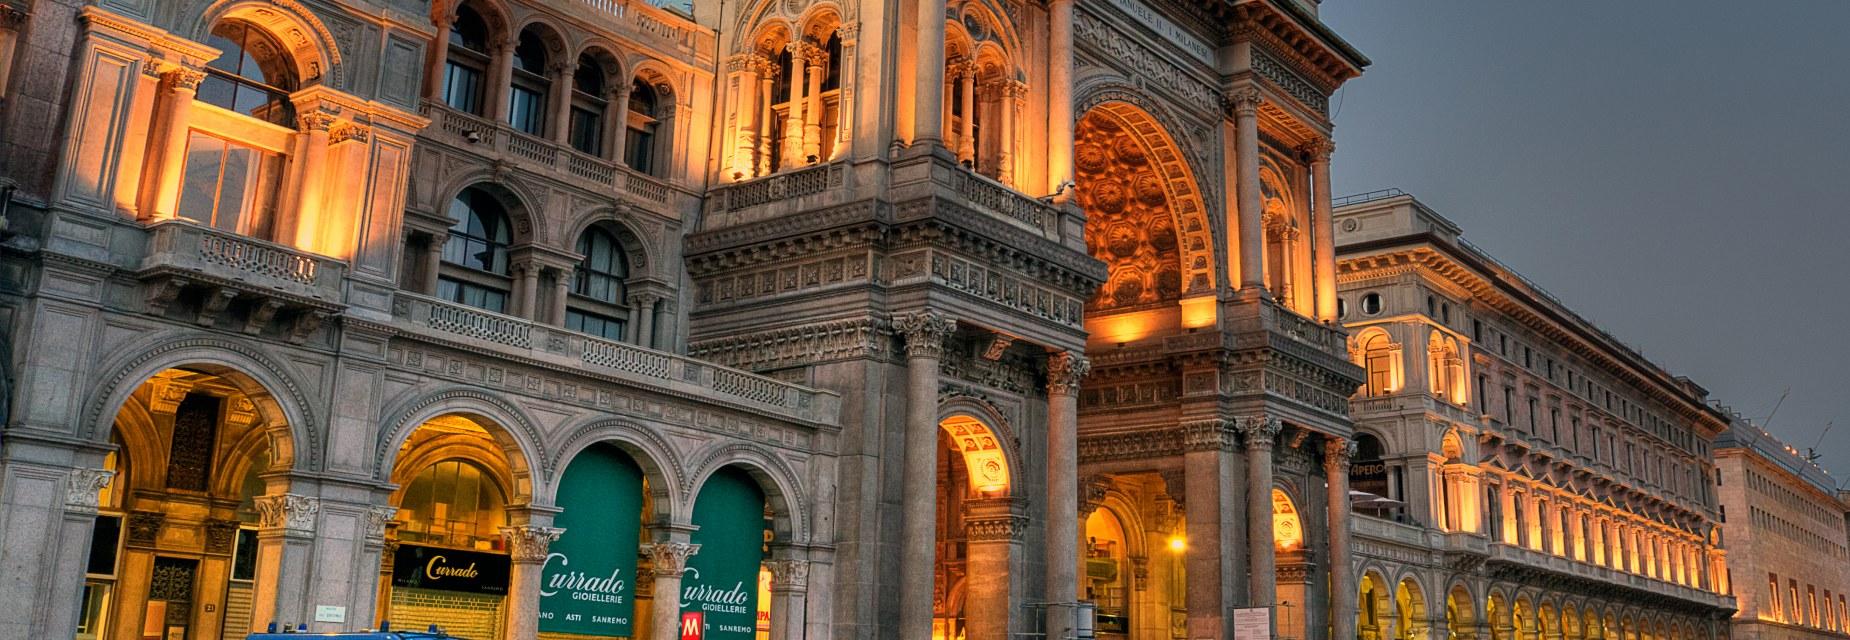 Piazza.del_.Duomo_